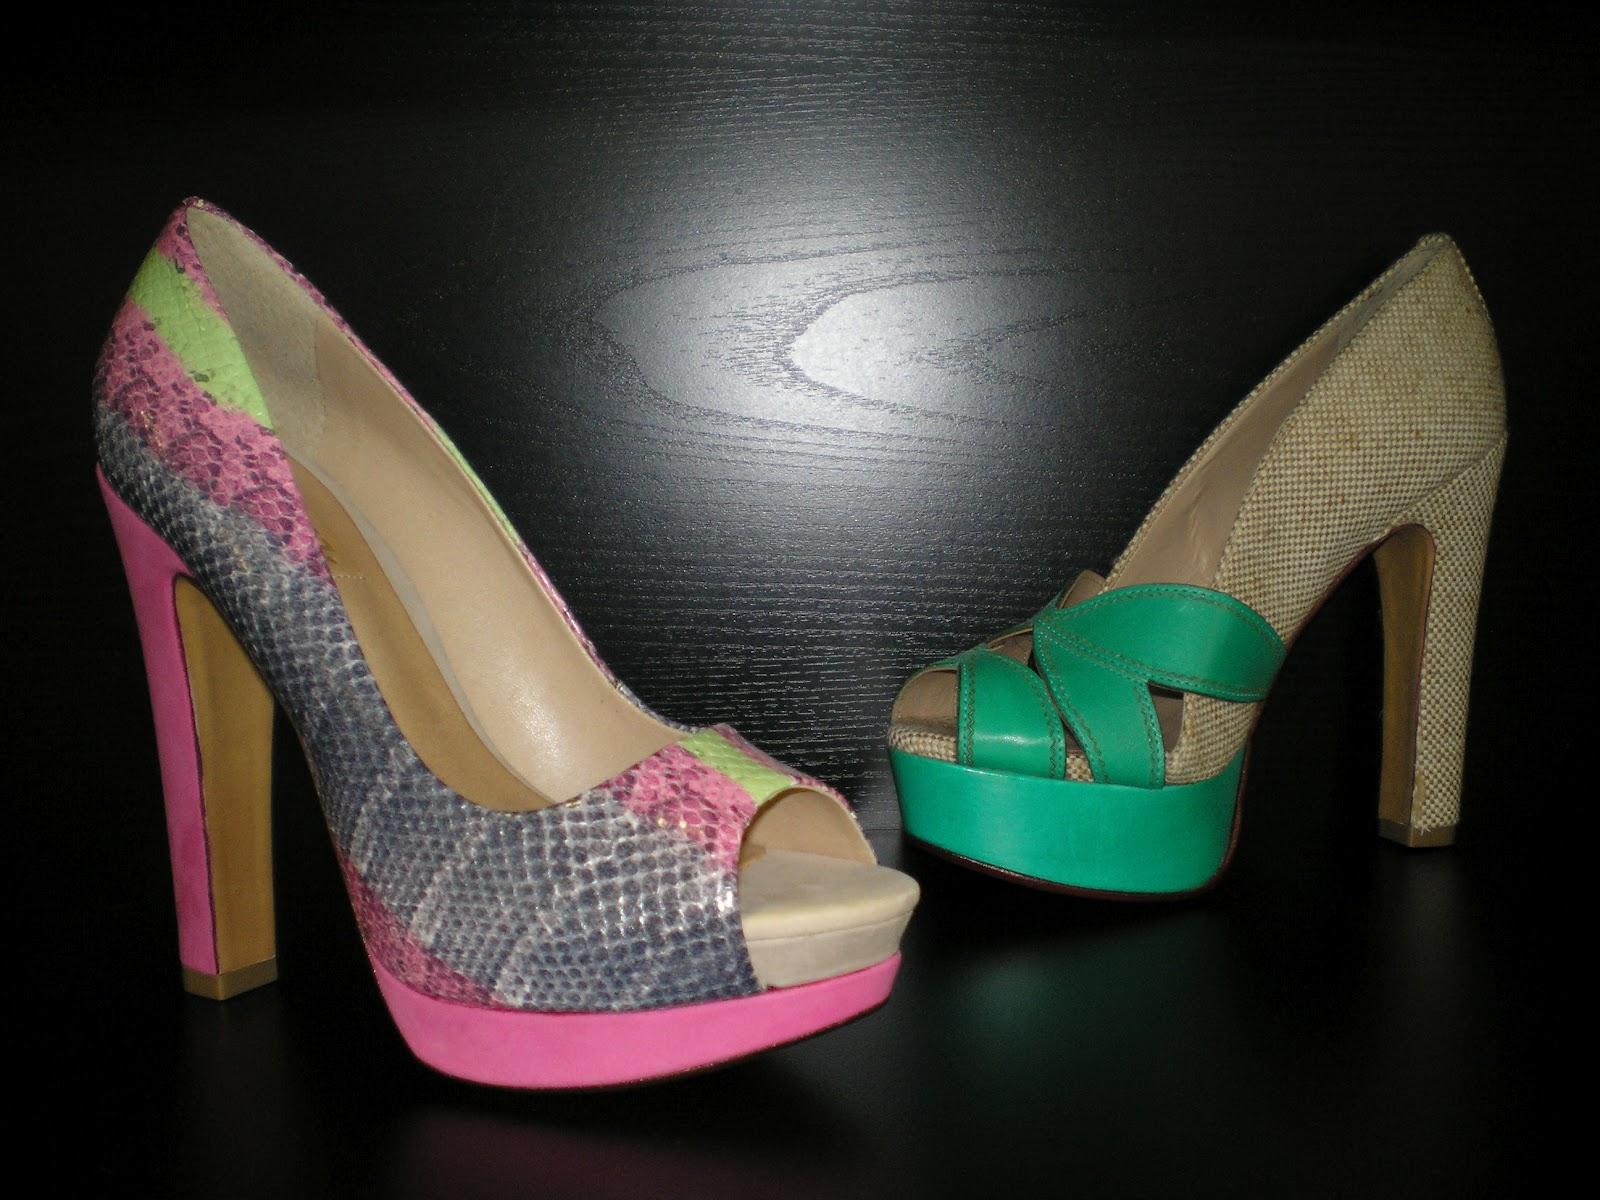 e40b4c5c7a0 Γλυφάδα LVN: Αχ αυτά τα παπούτσια της Georgia